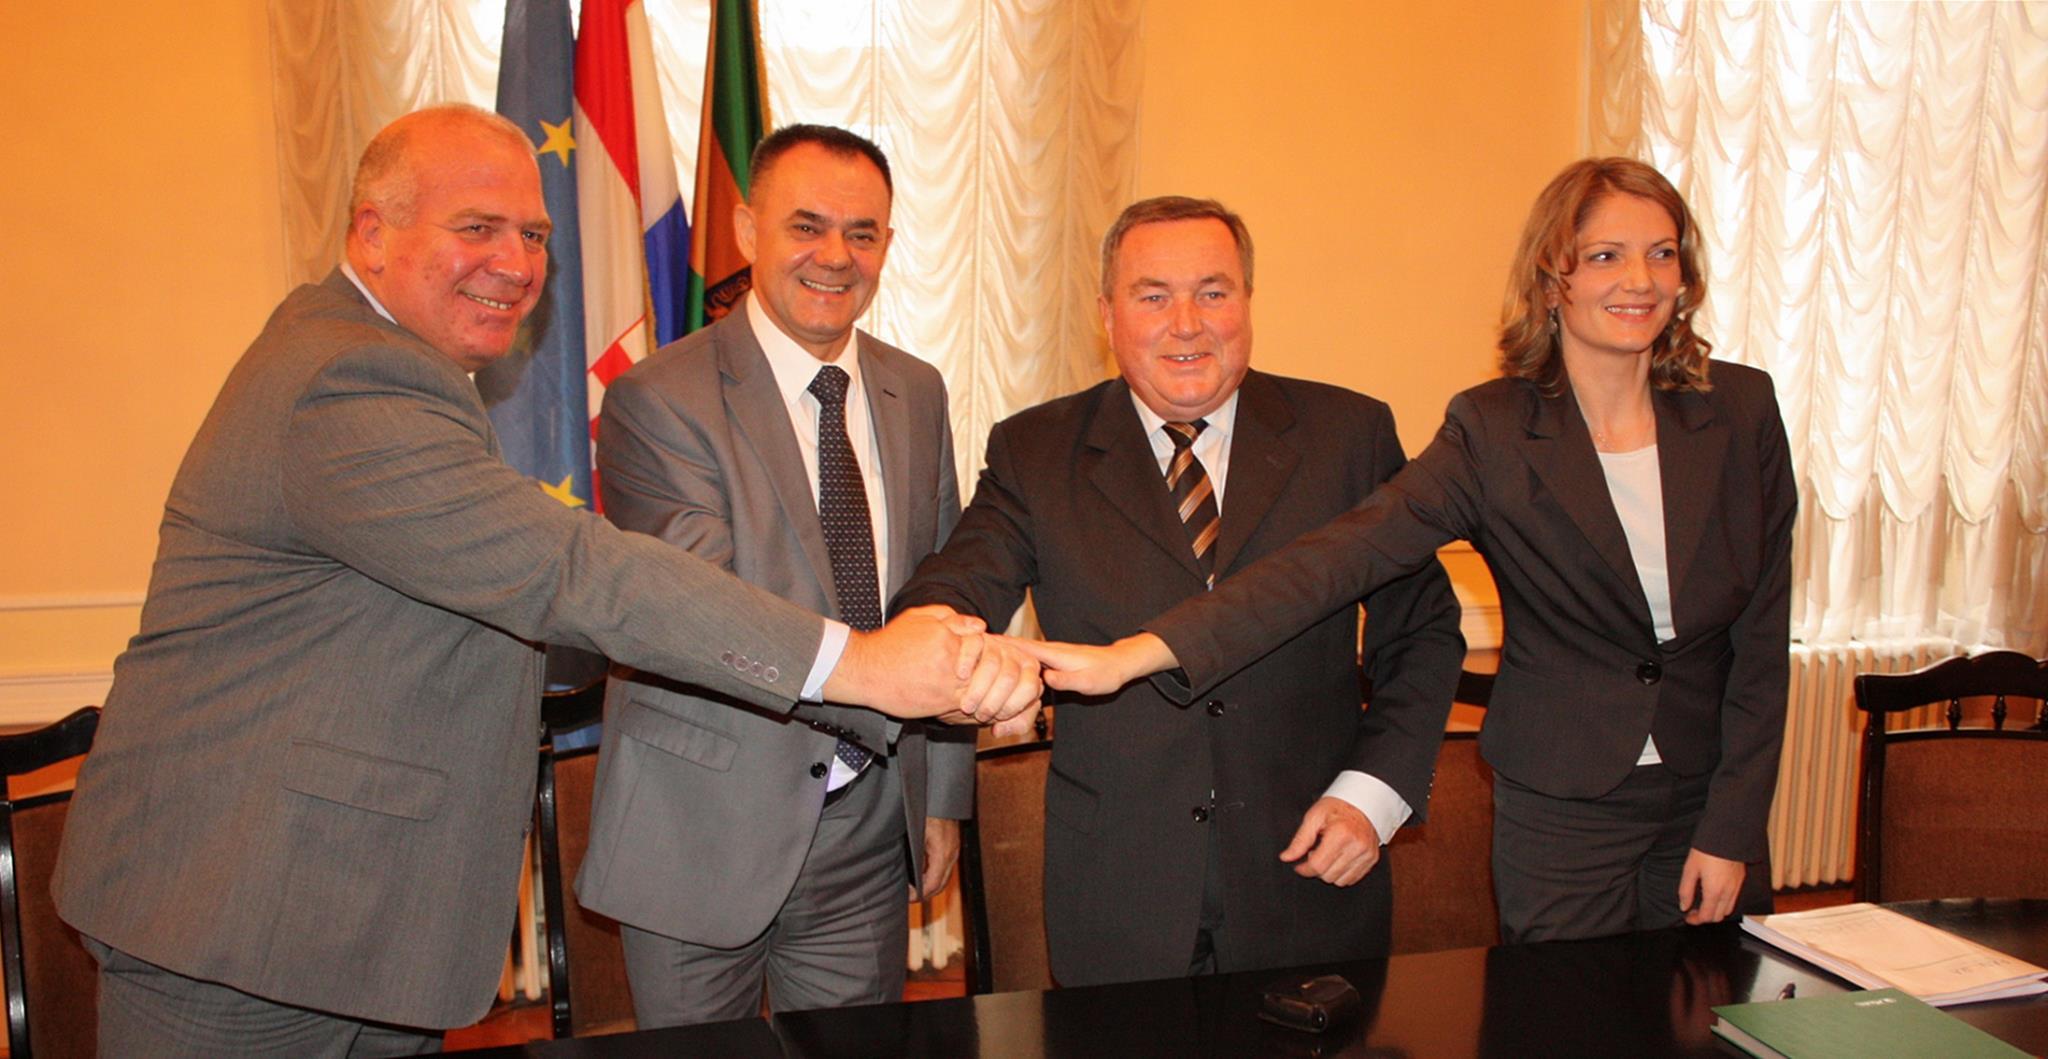 """Potpisan Sporazum o partnerstvu u provedbi projekta """"Obnova i revitalizacija povijesnih građevina KURSALON, WANDELBAHN i PERIVOJ – zaštićenih kulturnih dobara RH"""""""